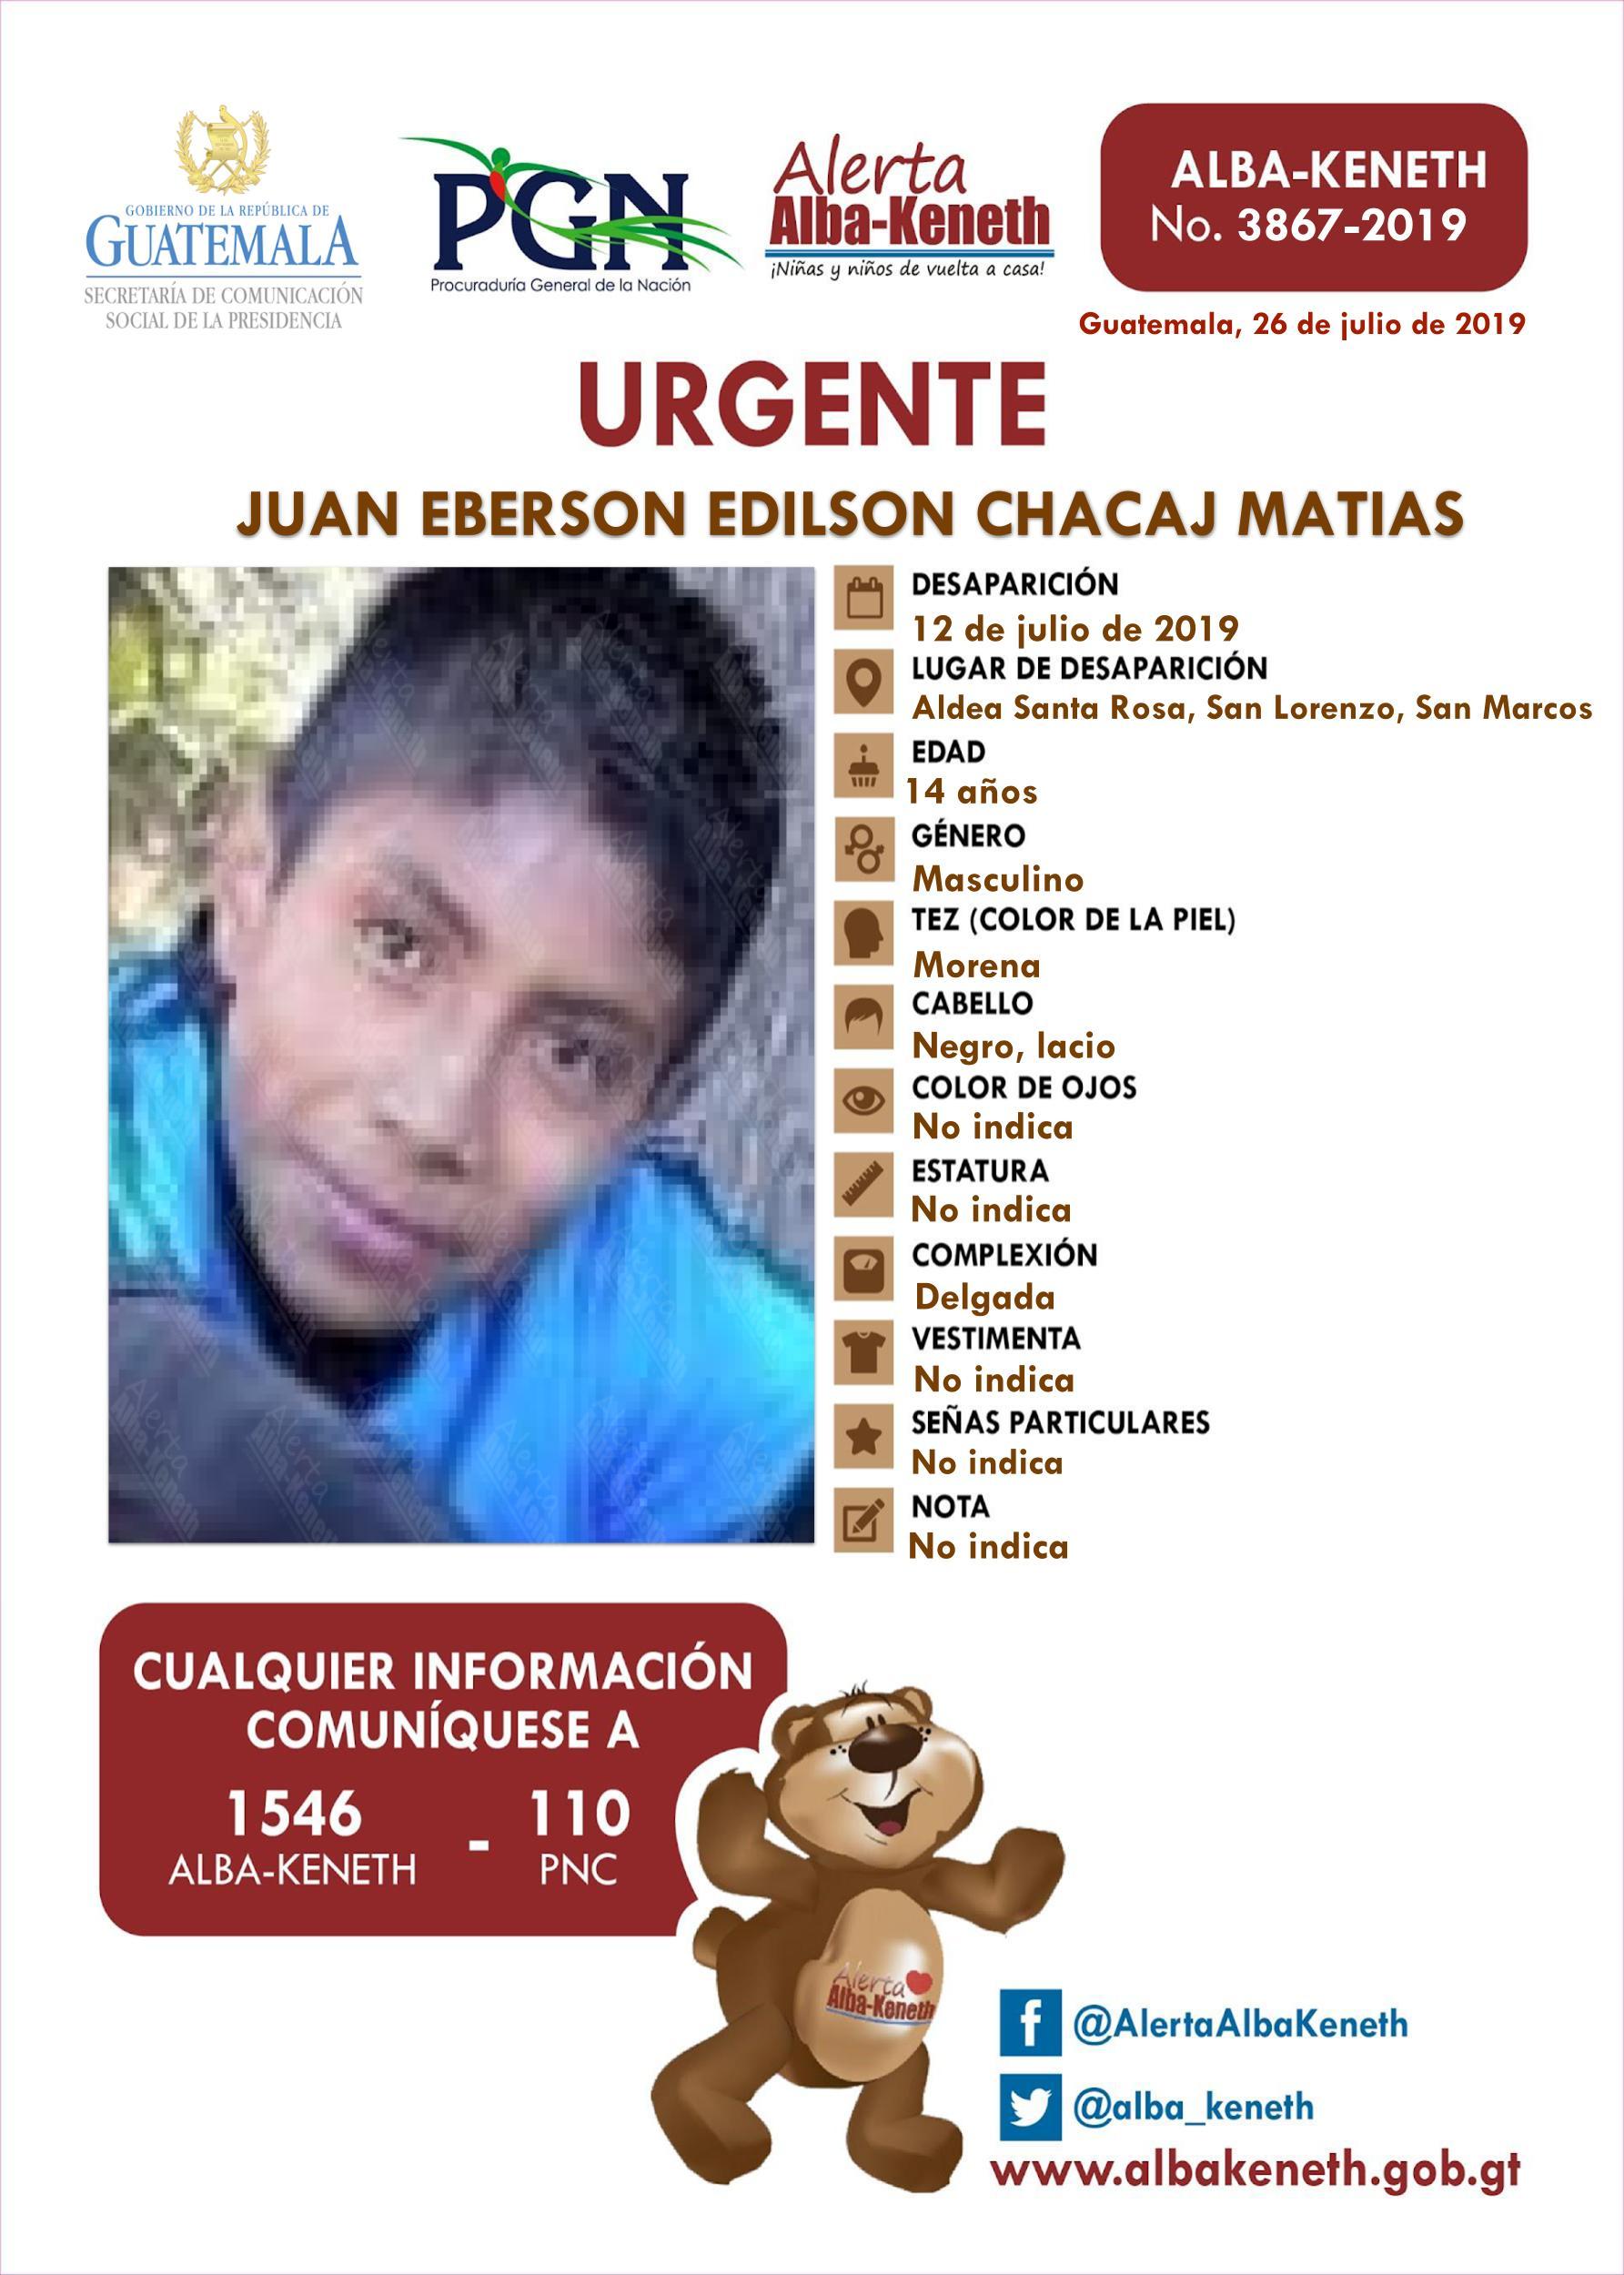 Juan Eberson Edilson Chacaj Matias